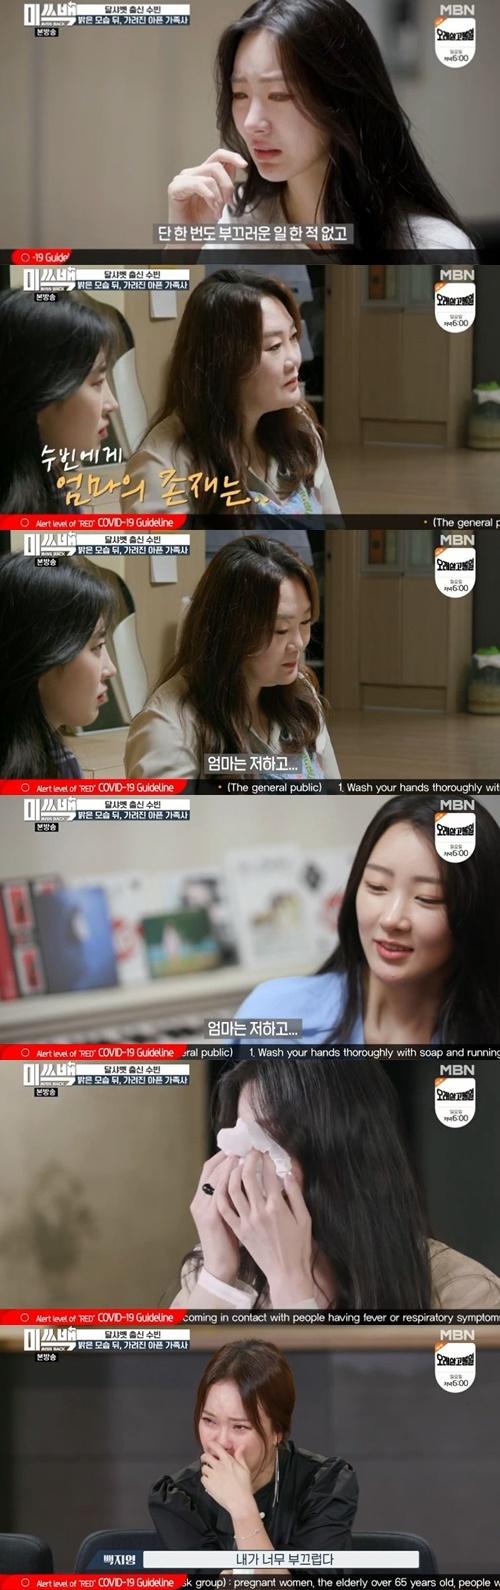 '미쓰백' 수빈 가족사 백지영 눈물 사진=MBN 예능프로그램 '미쓰백' 캡처